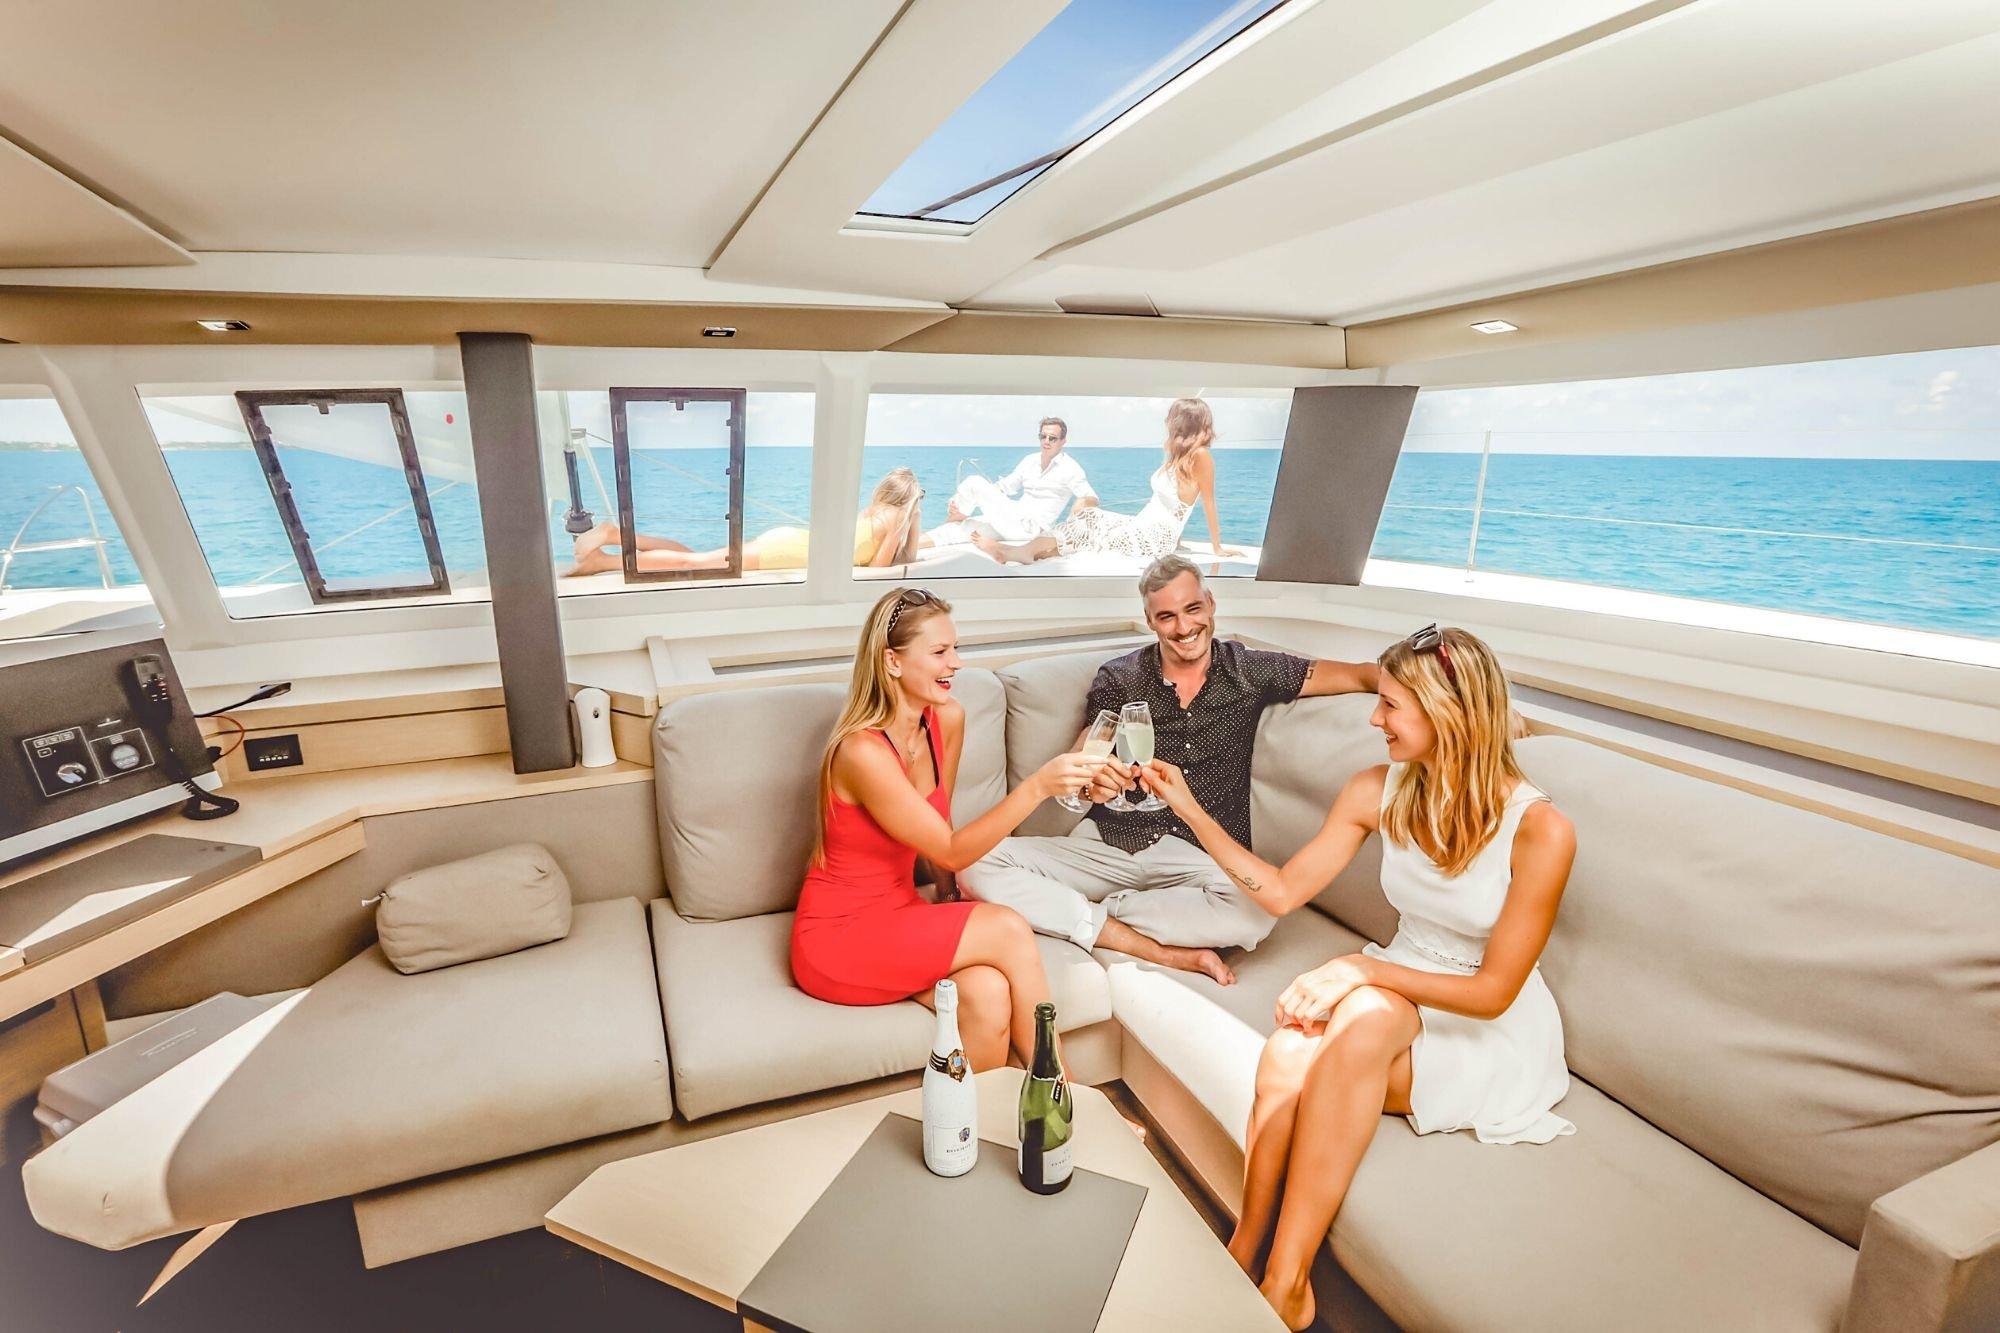 1 Private Isla Mujeres tour in catamaran - Victoria - Cancun Sailing